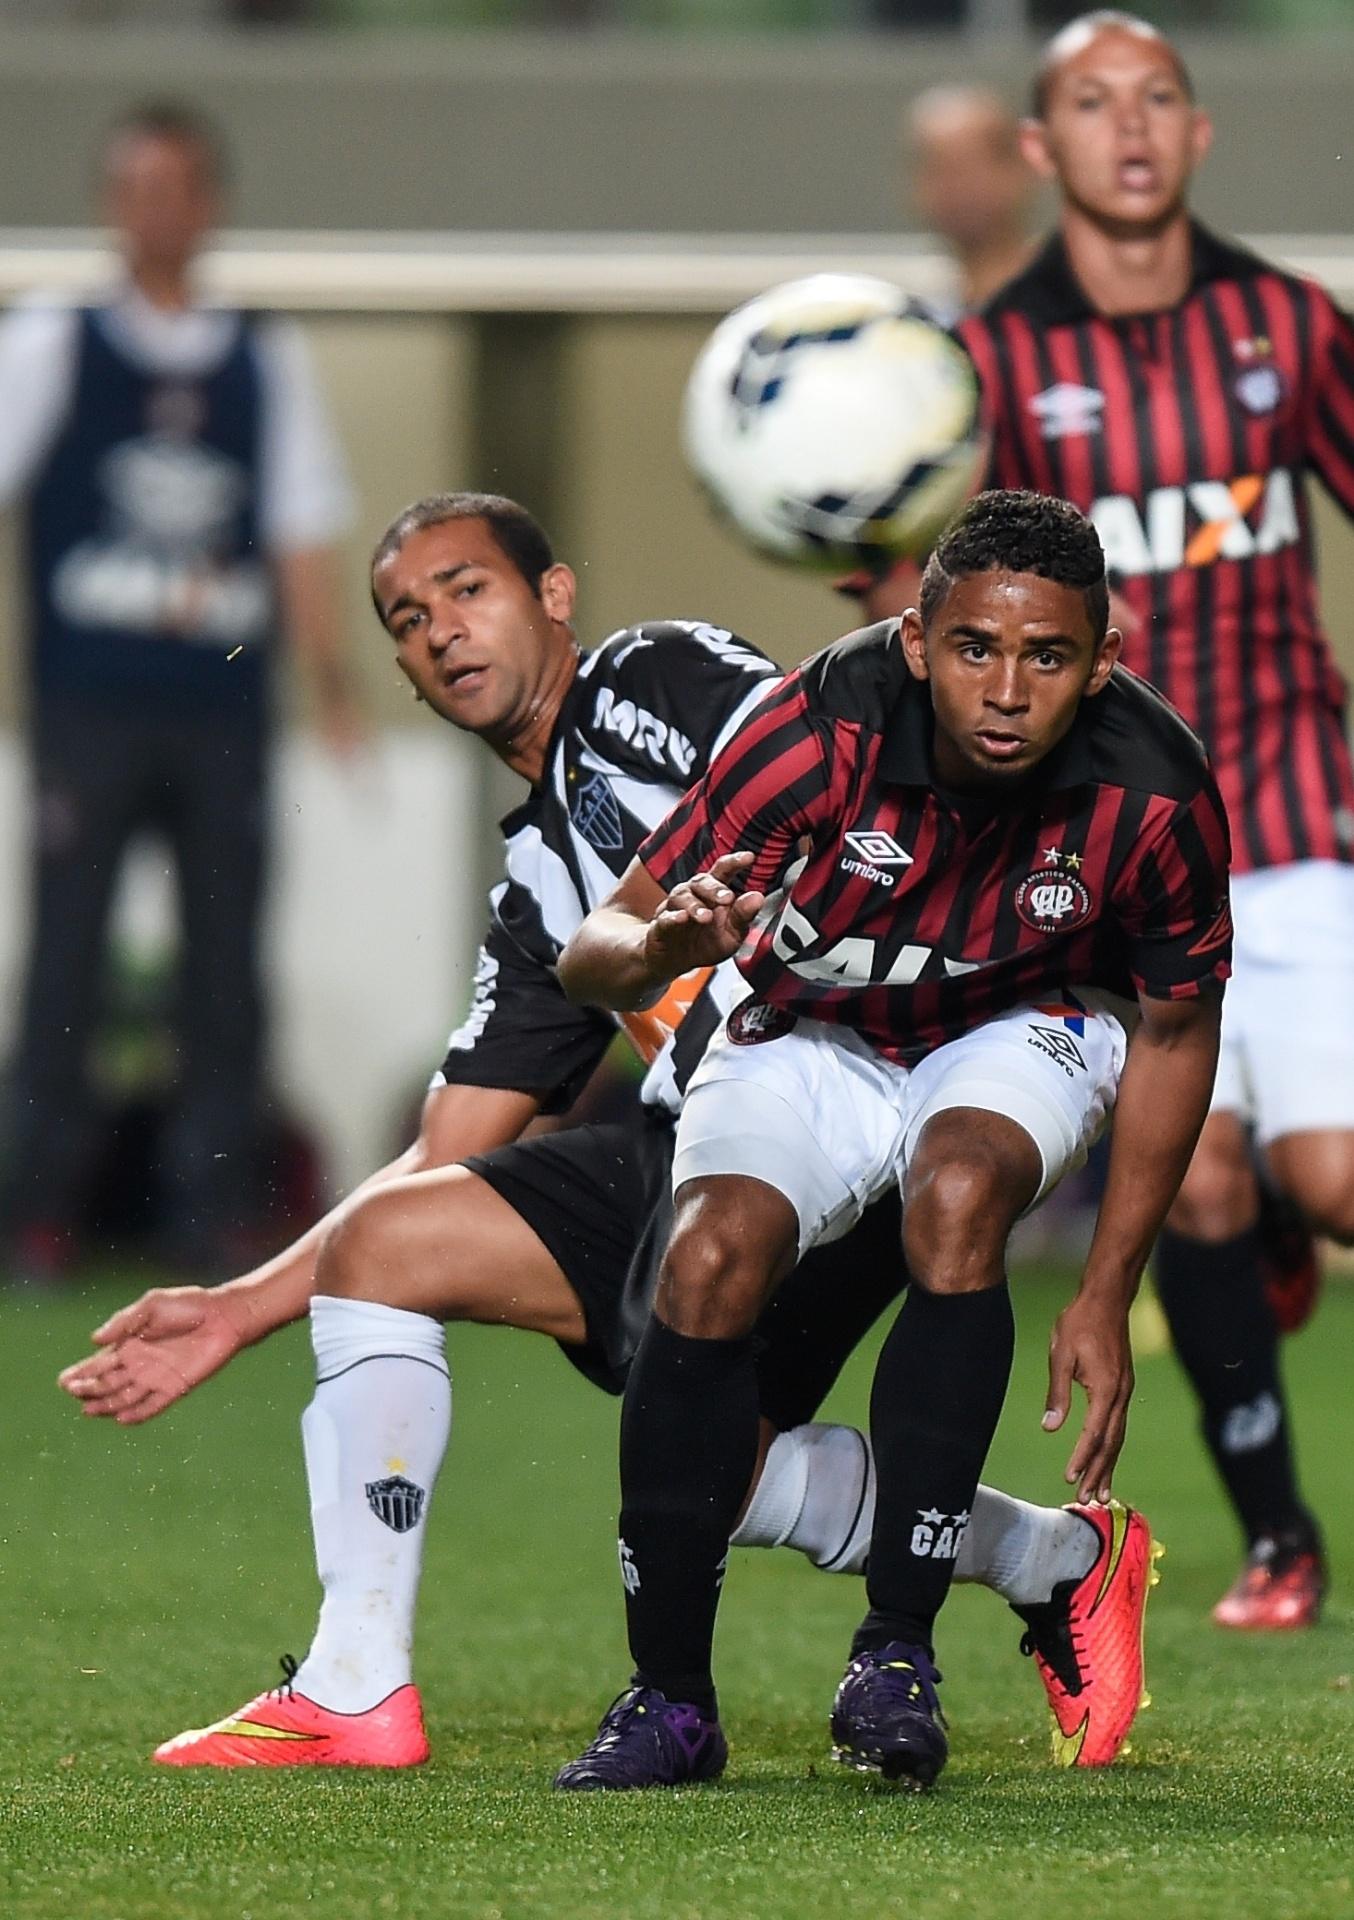 Pierre e Deivid disputam a bola no jogo entre Atlético-MG e Atlético-PR